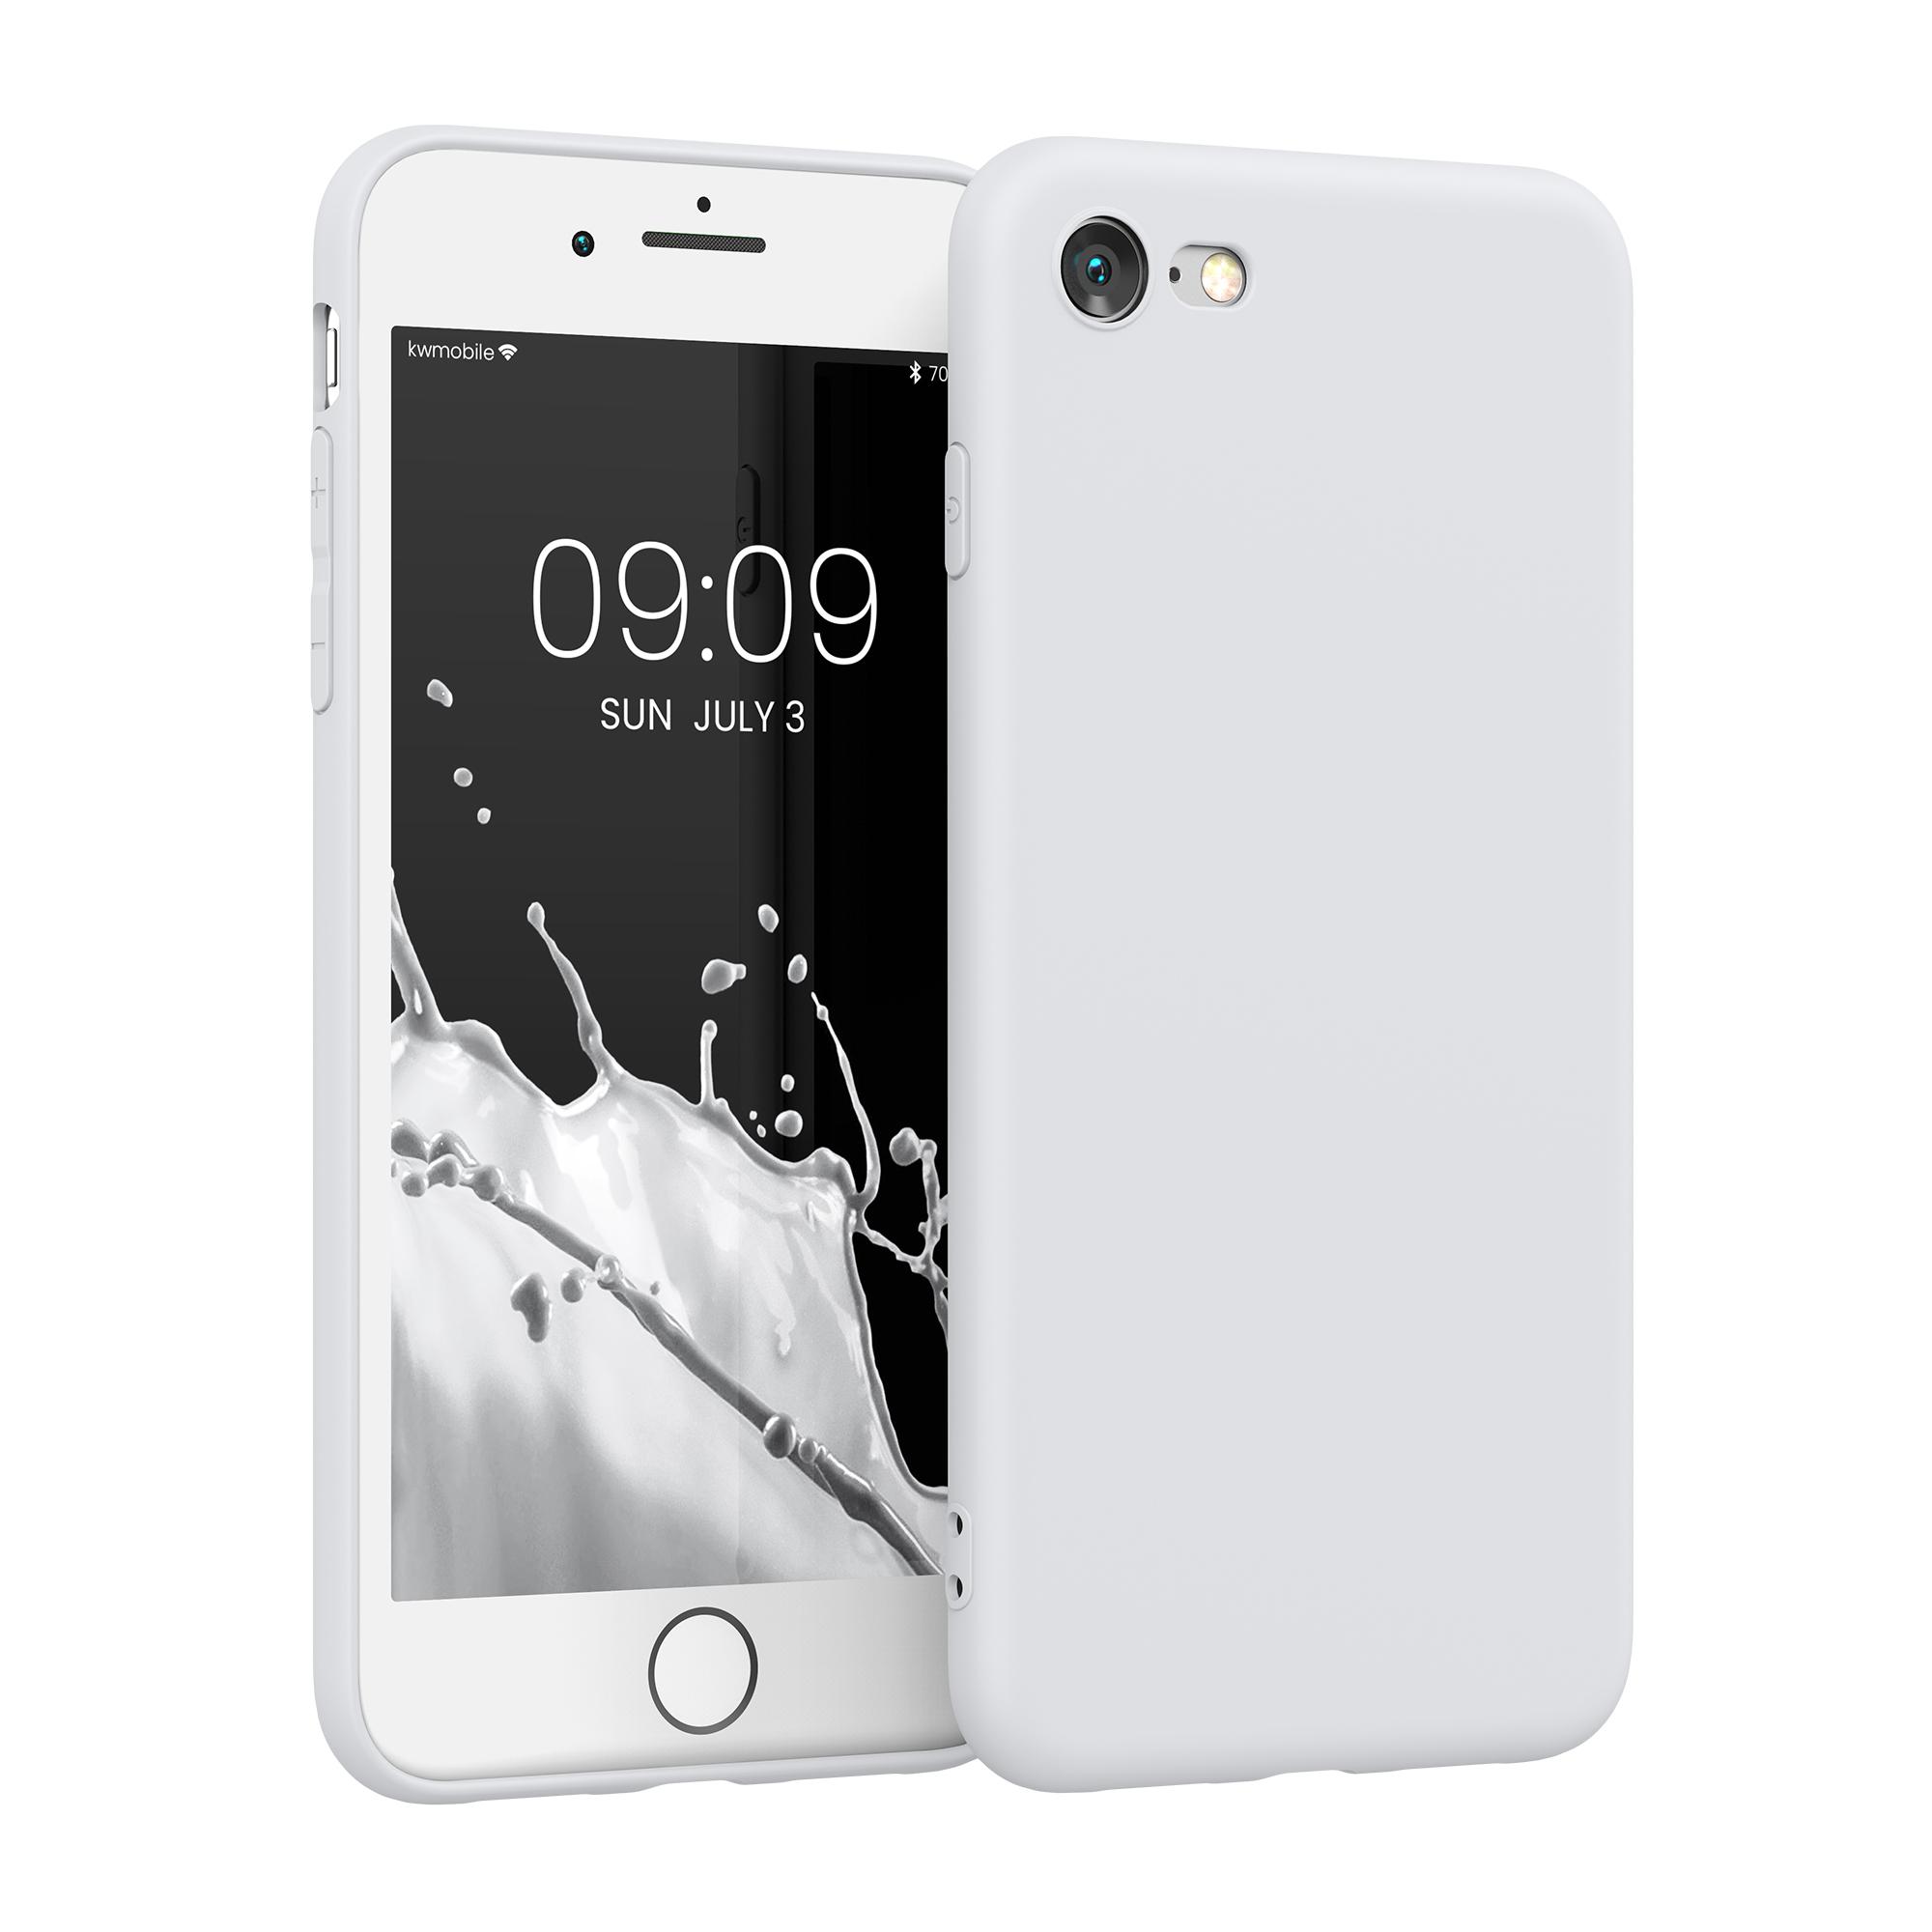 Kvalitní silikonové TPU pouzdro pro Apple iPhone 7 / 8 / SE  - White Matte